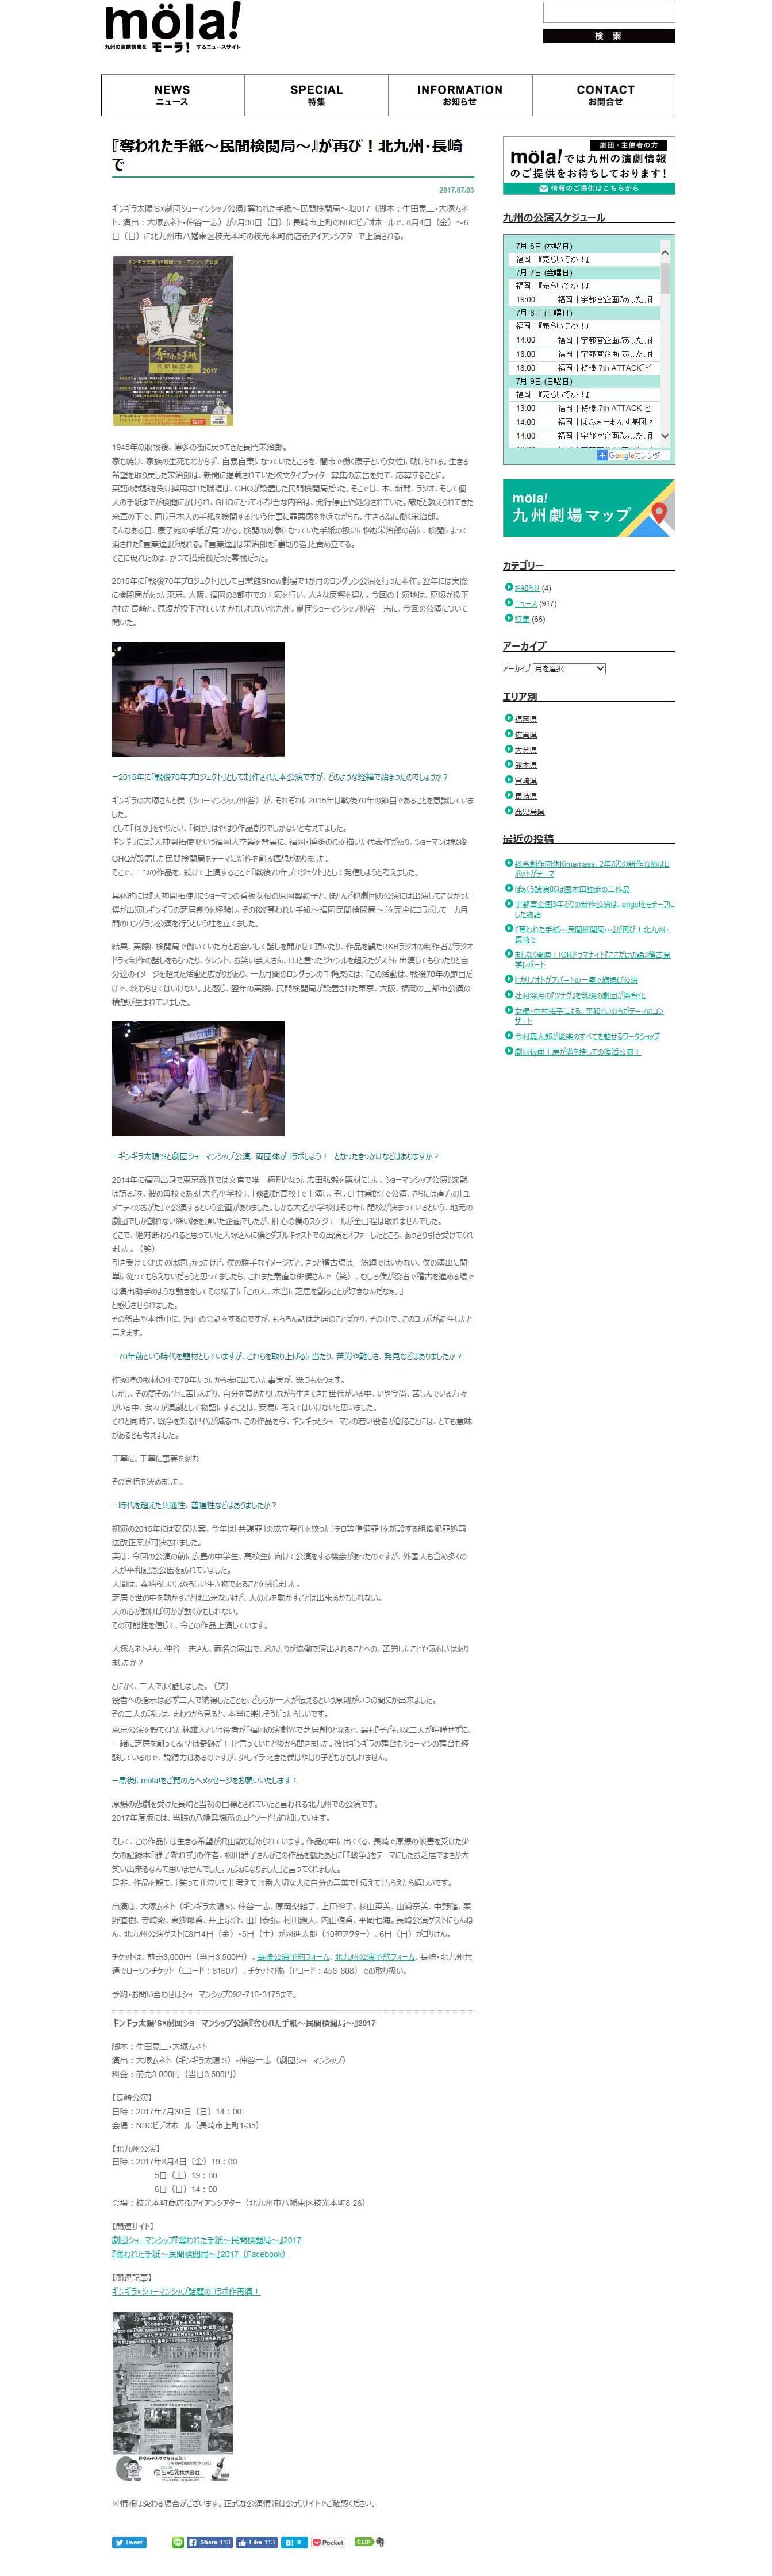 2017年7月3日(月) 九州の演劇情報をモーラ!するニュースサイト「mola!」(web)